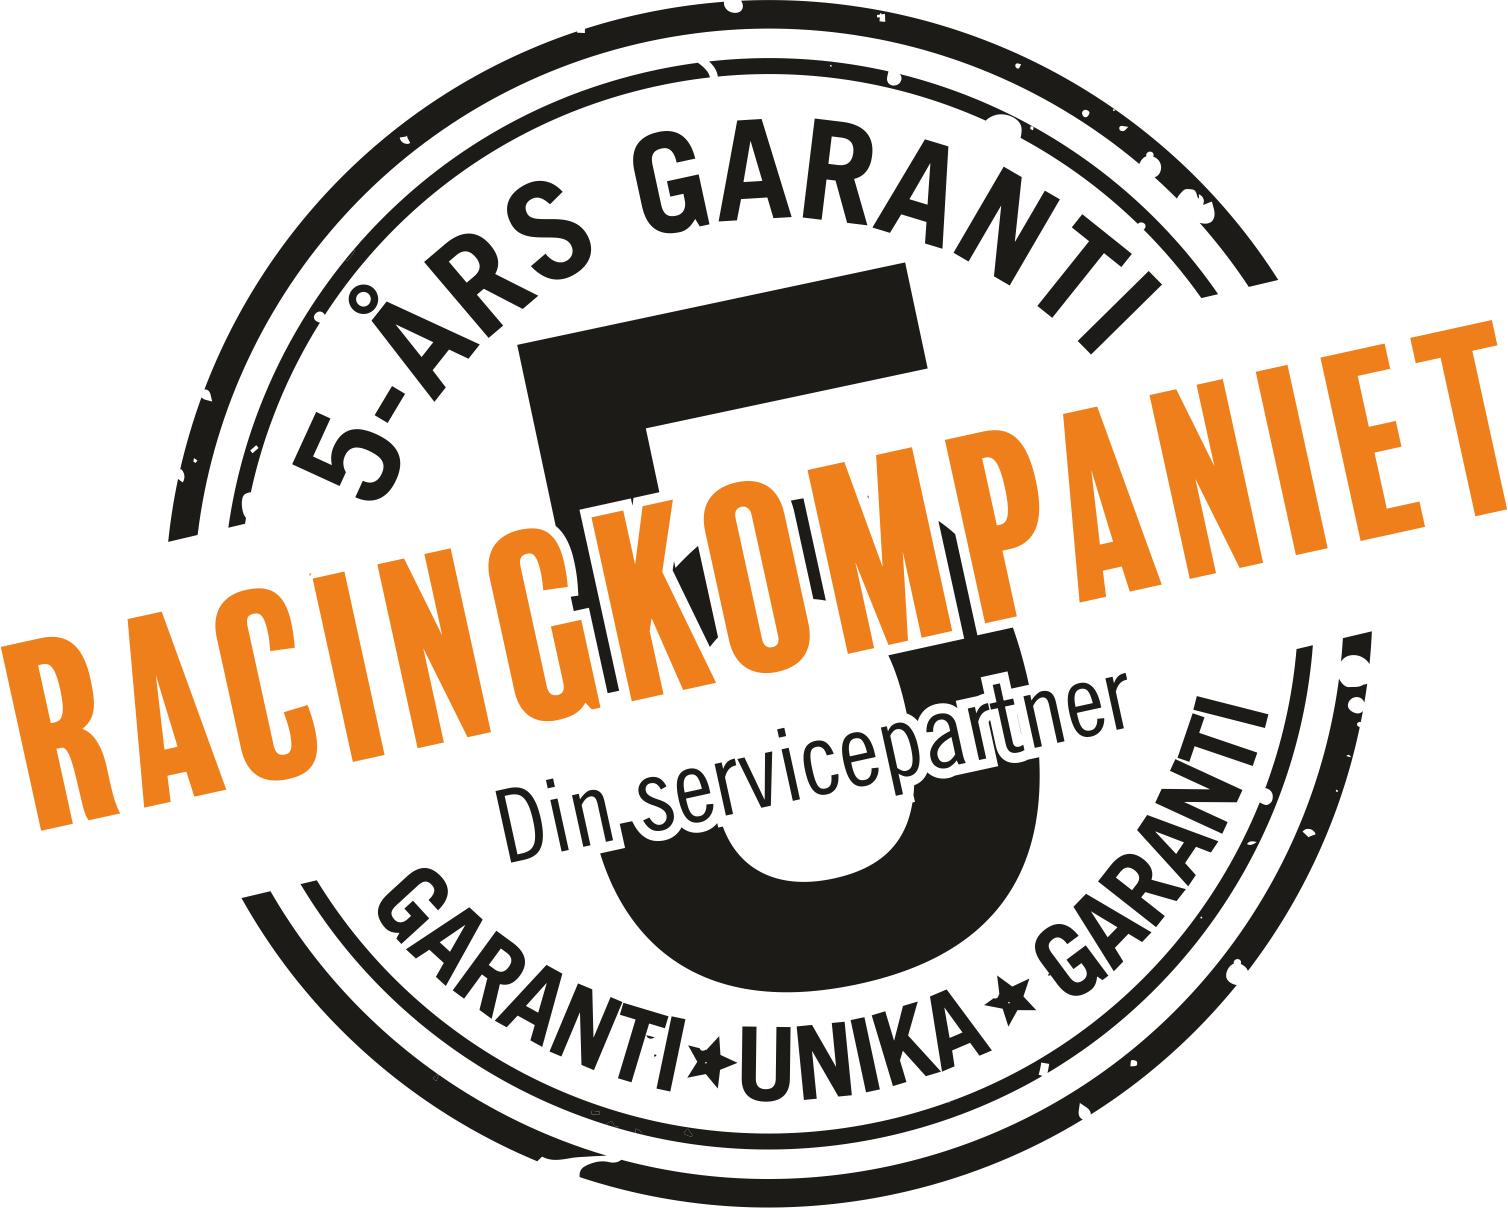 5-års garanti på Racingkompaniet!